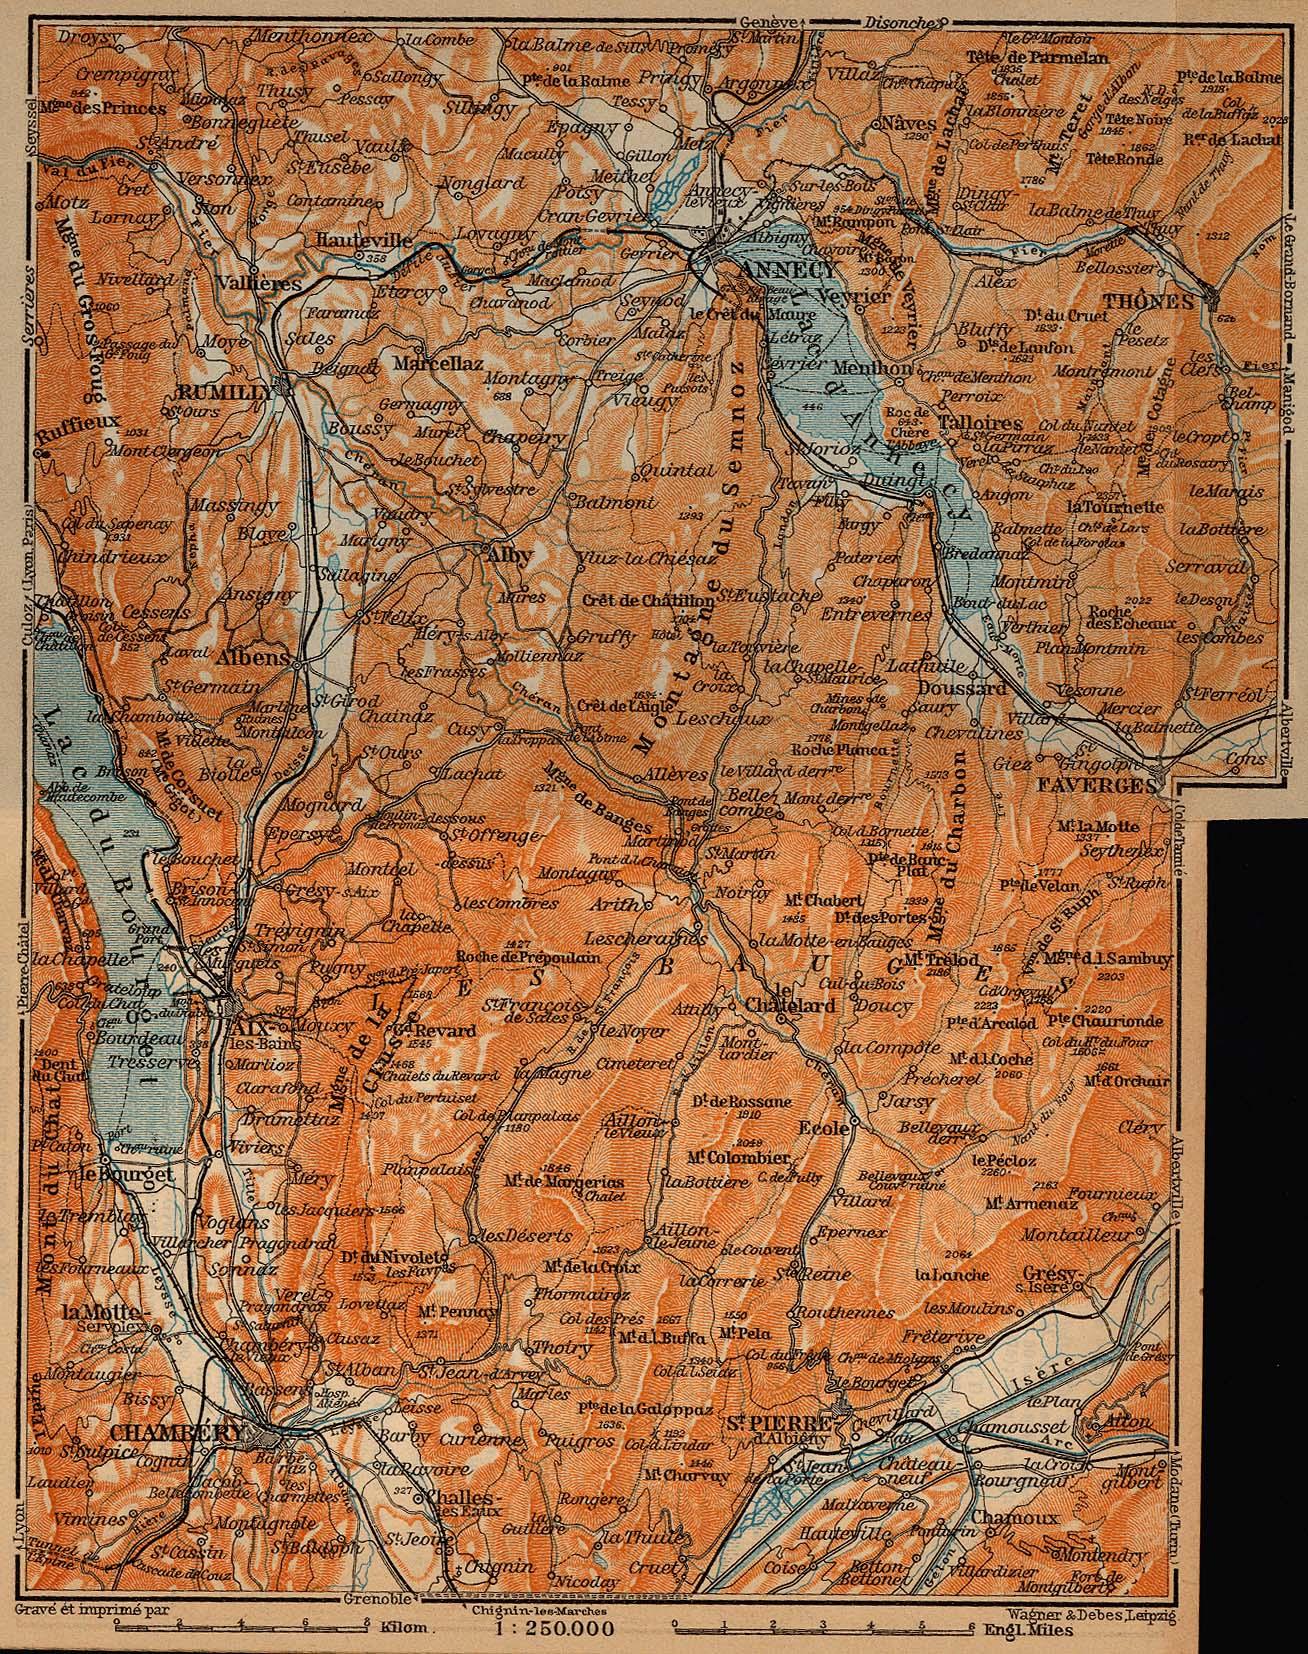 Annecy, Les Bauges, and Aix-les-Bains Map, France 1914